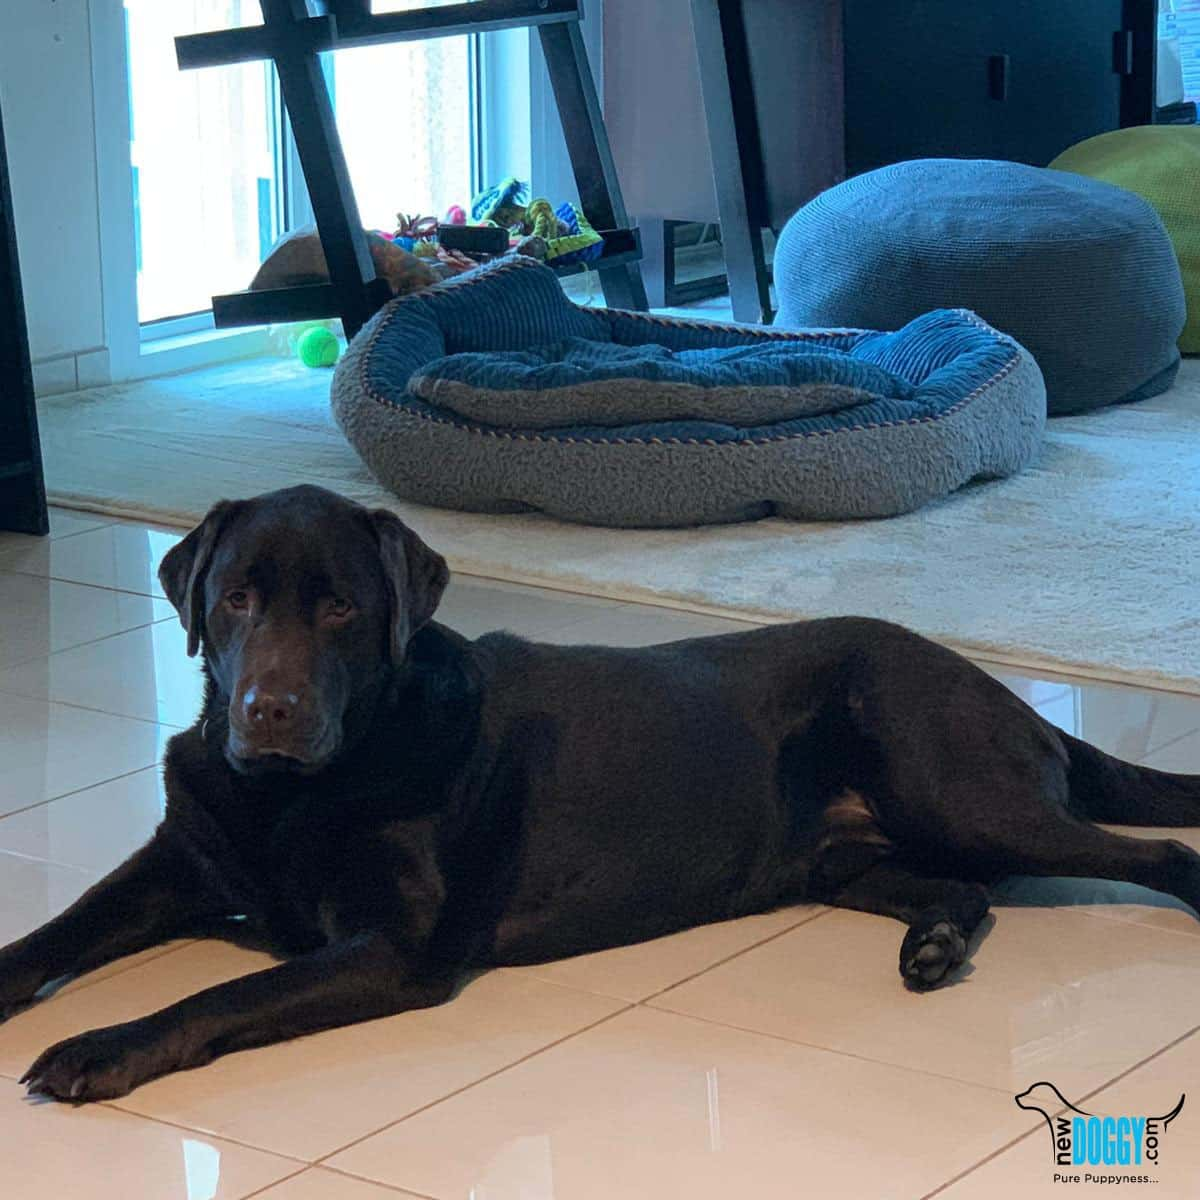 Buddy labrador retriever puppy for sale